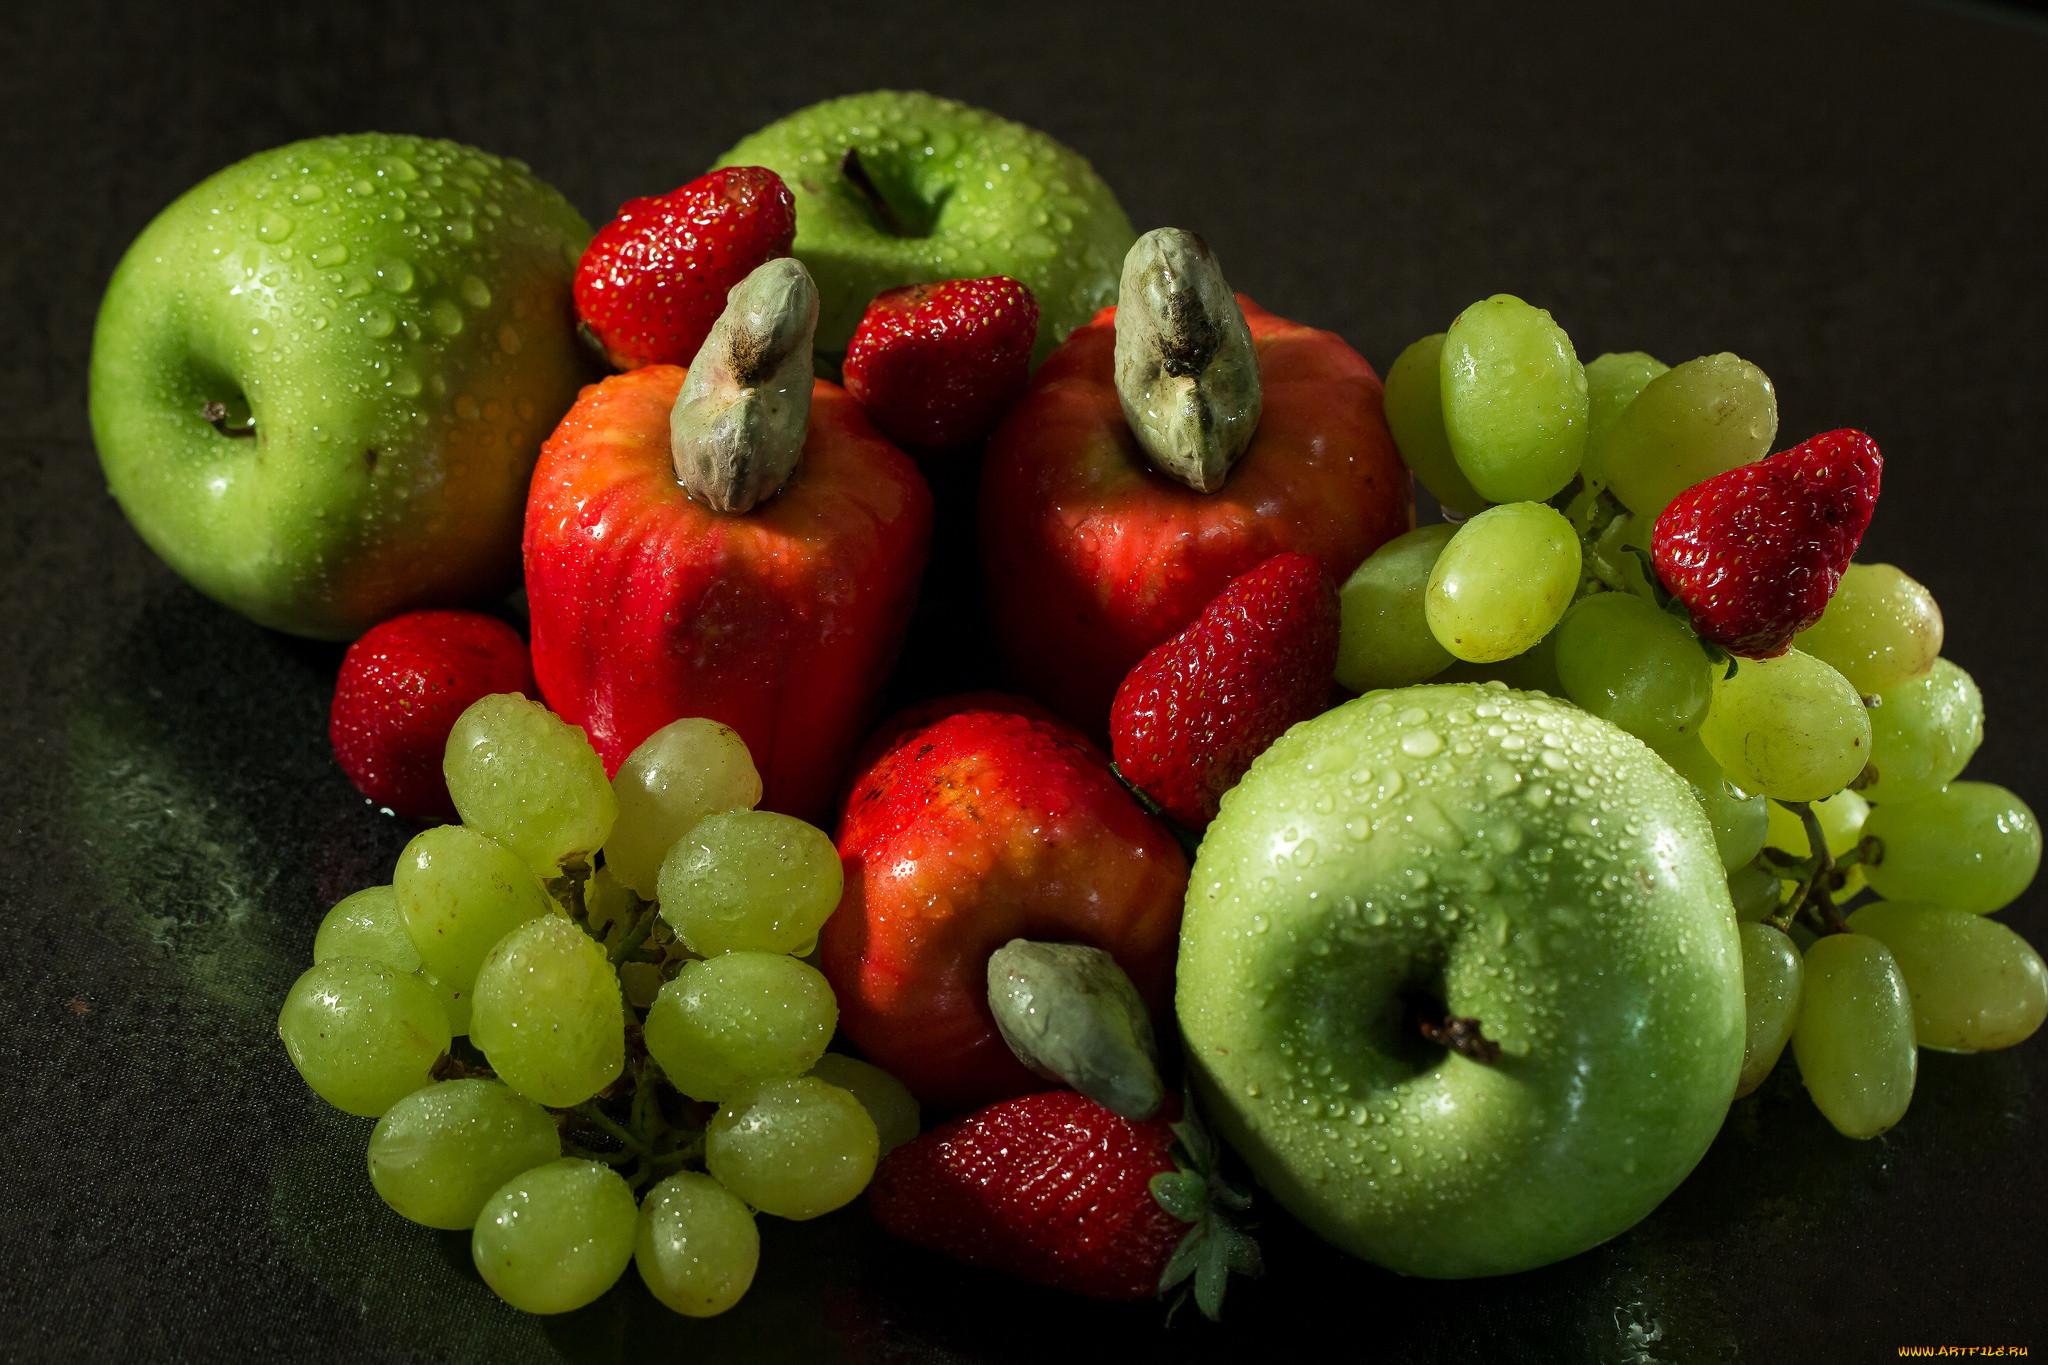 красивые фото фруктов и ягод климатическим лечебным факторам